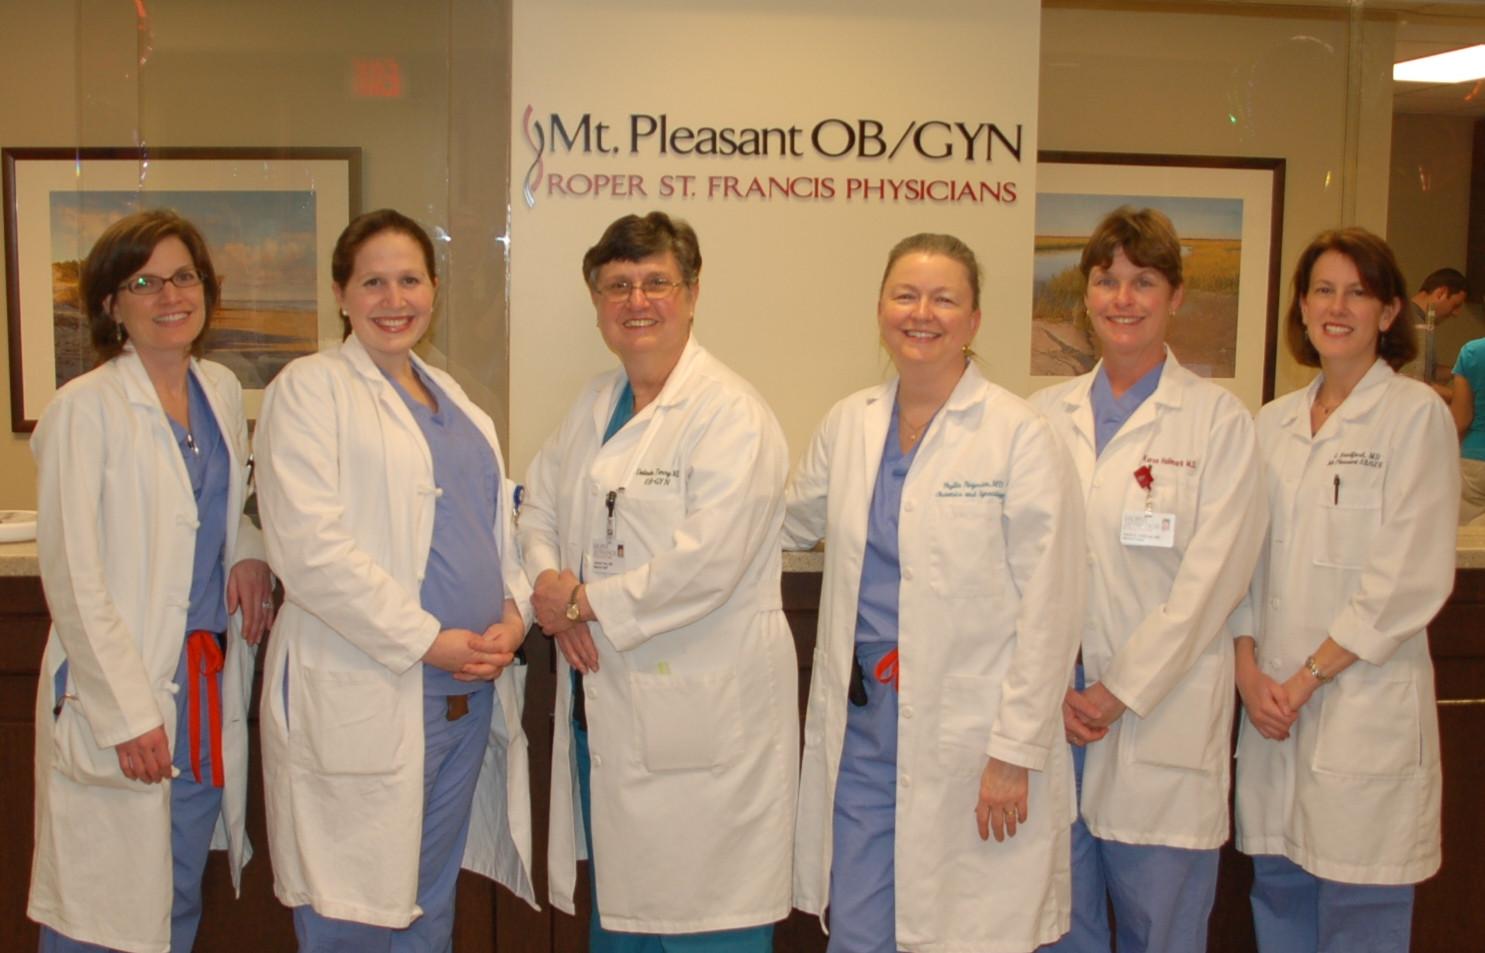 Mt pleasant doctors.jpg